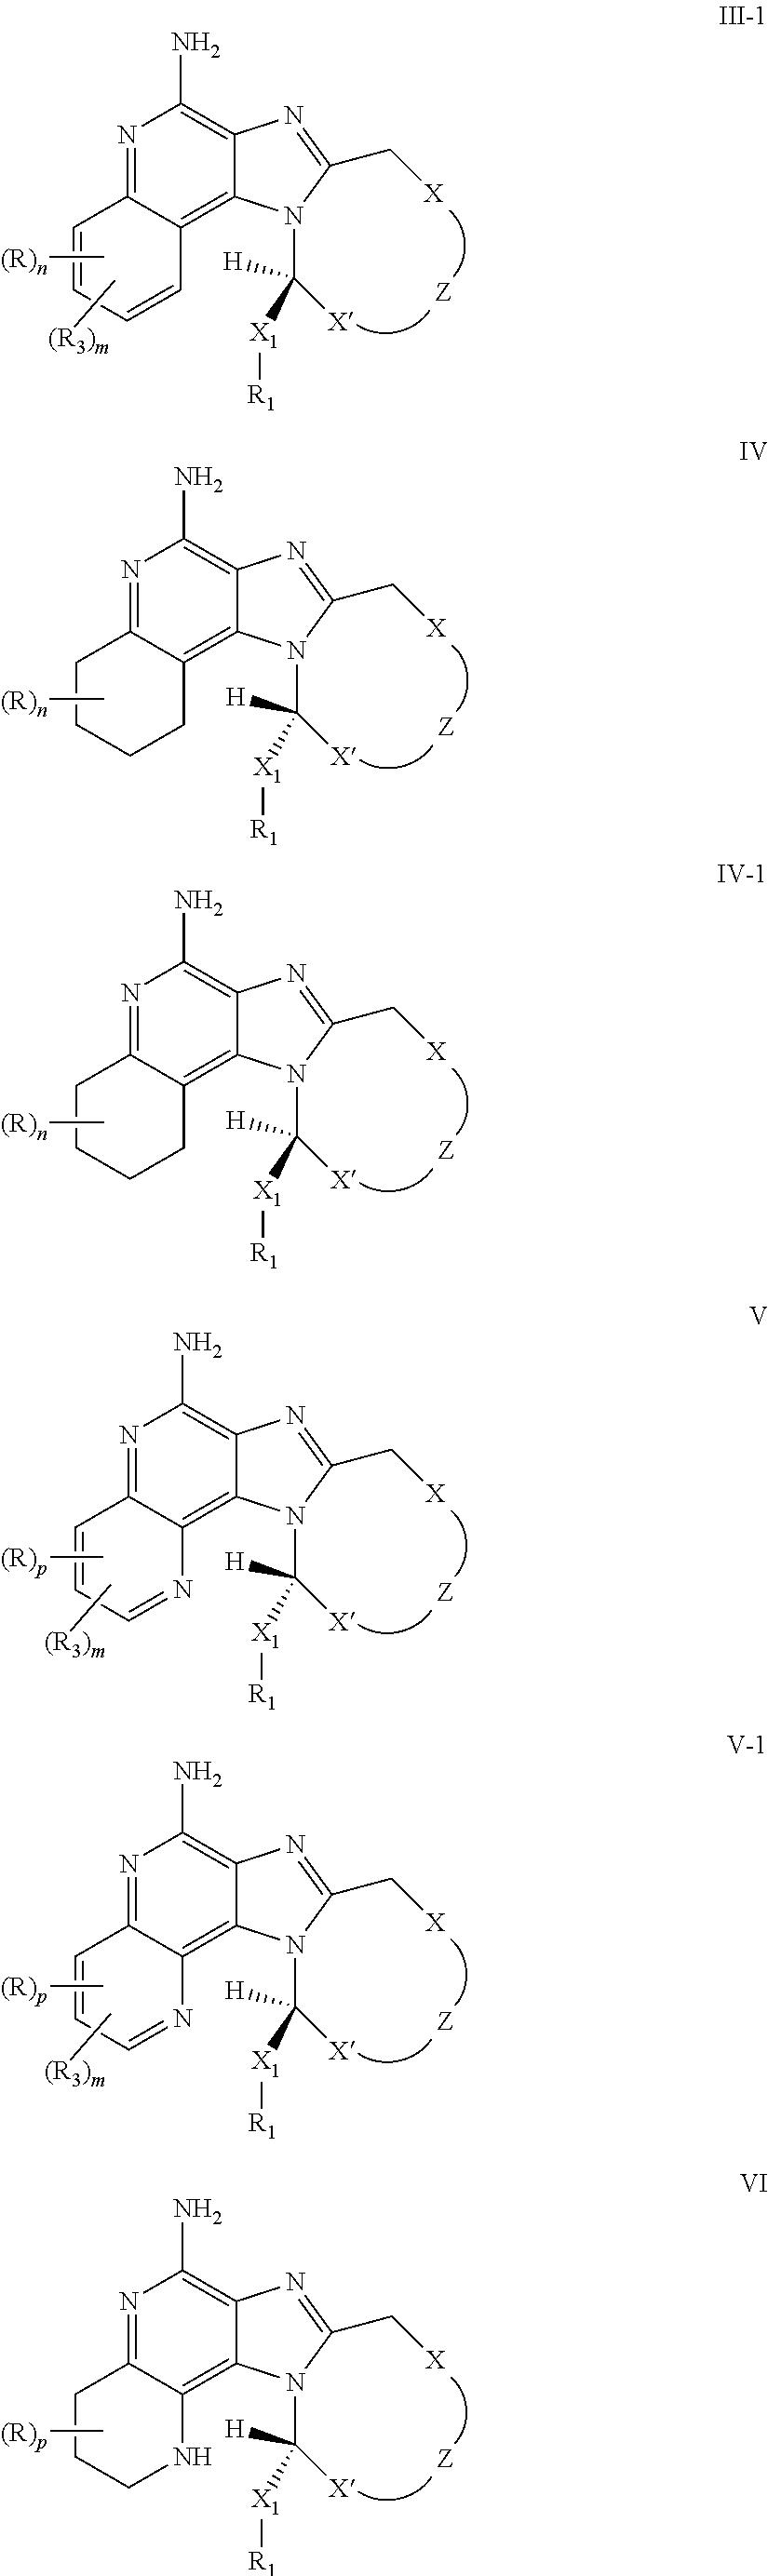 Figure US08546383-20131001-C00004